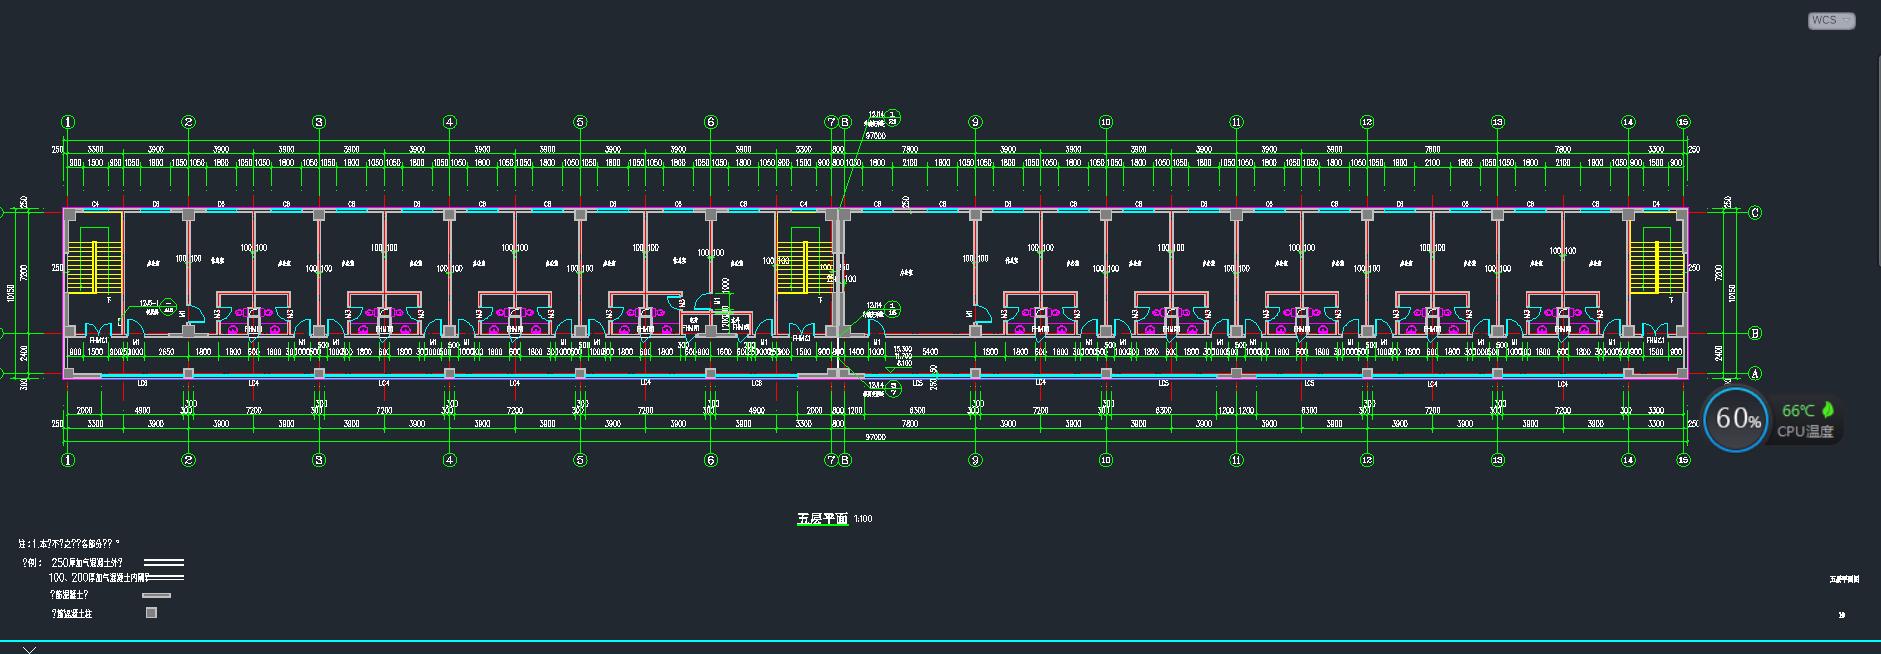 建筑施工图图片3